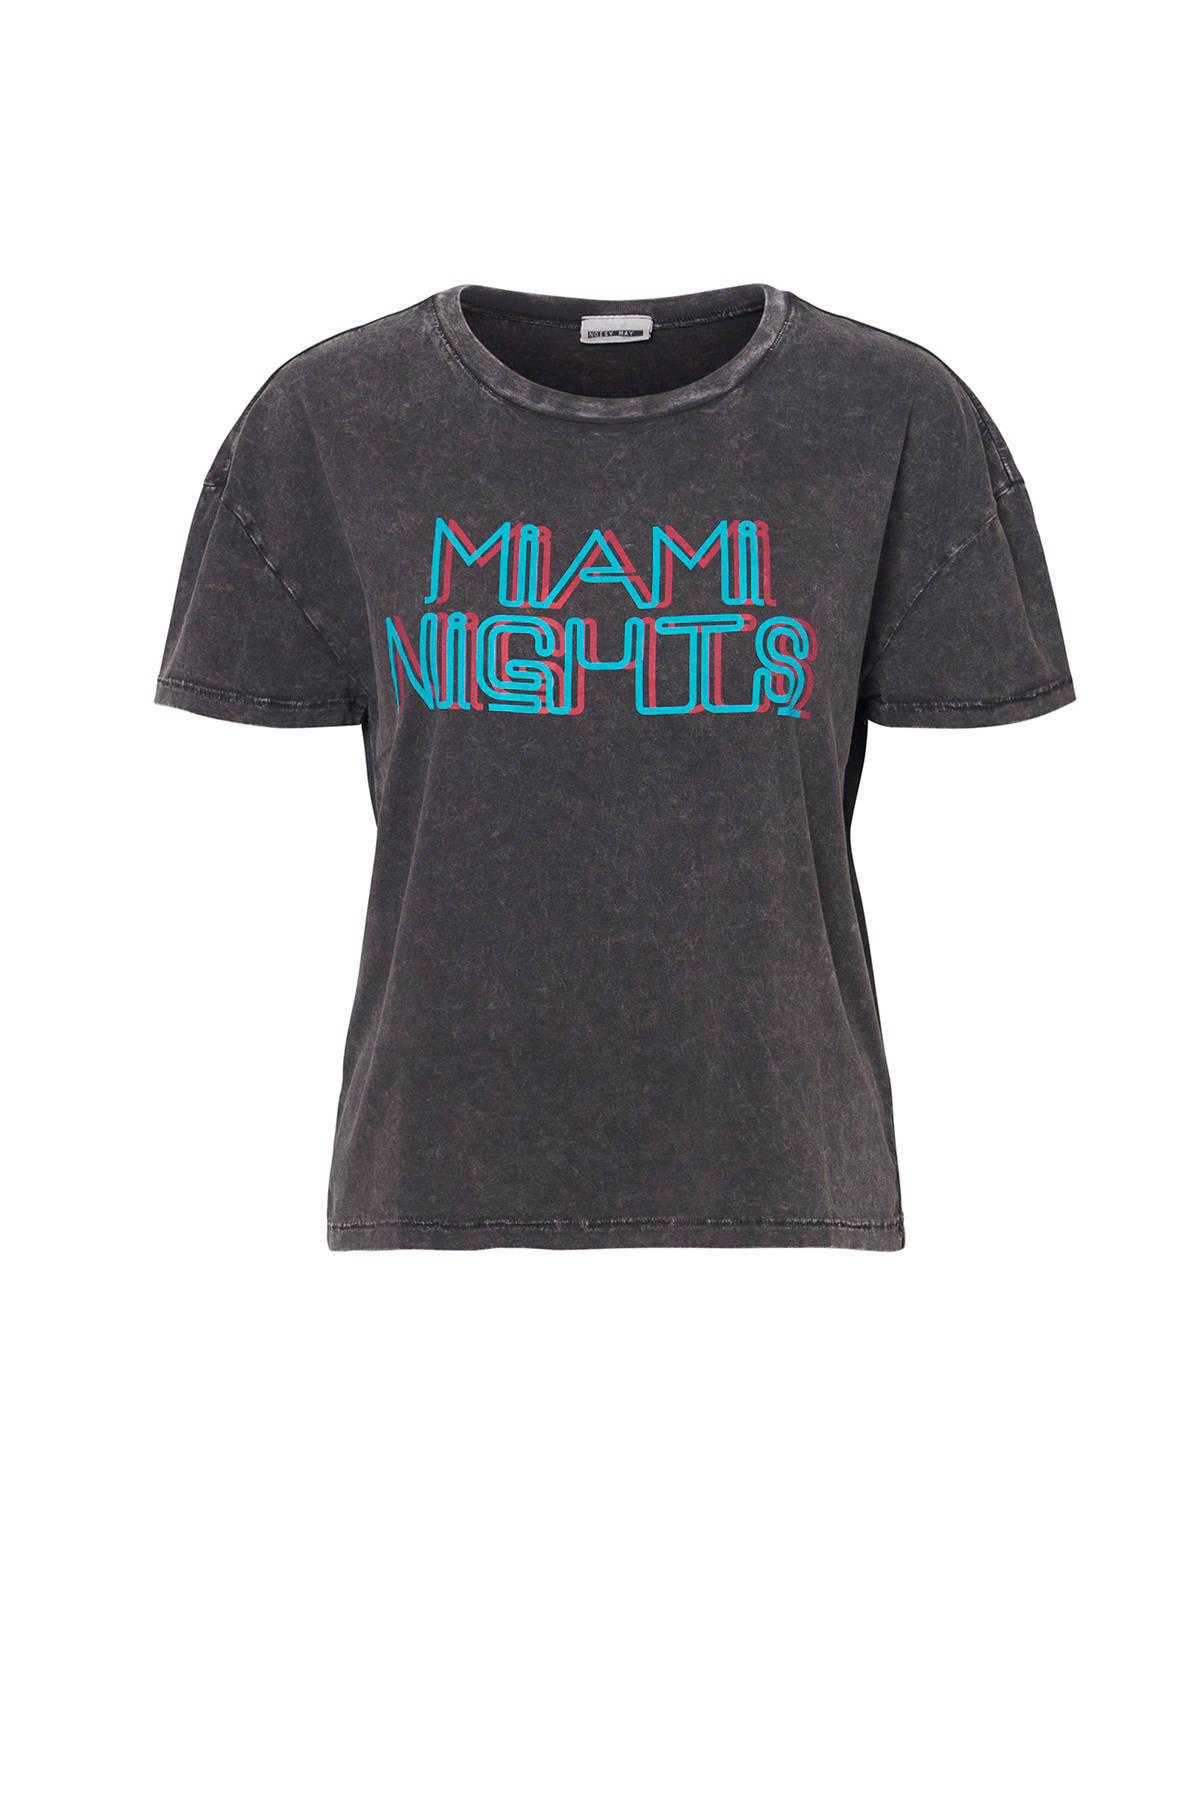 0dc97638dbd51f Dames T-shirts   tops bij wehkamp - Gratis bezorging vanaf 20.-